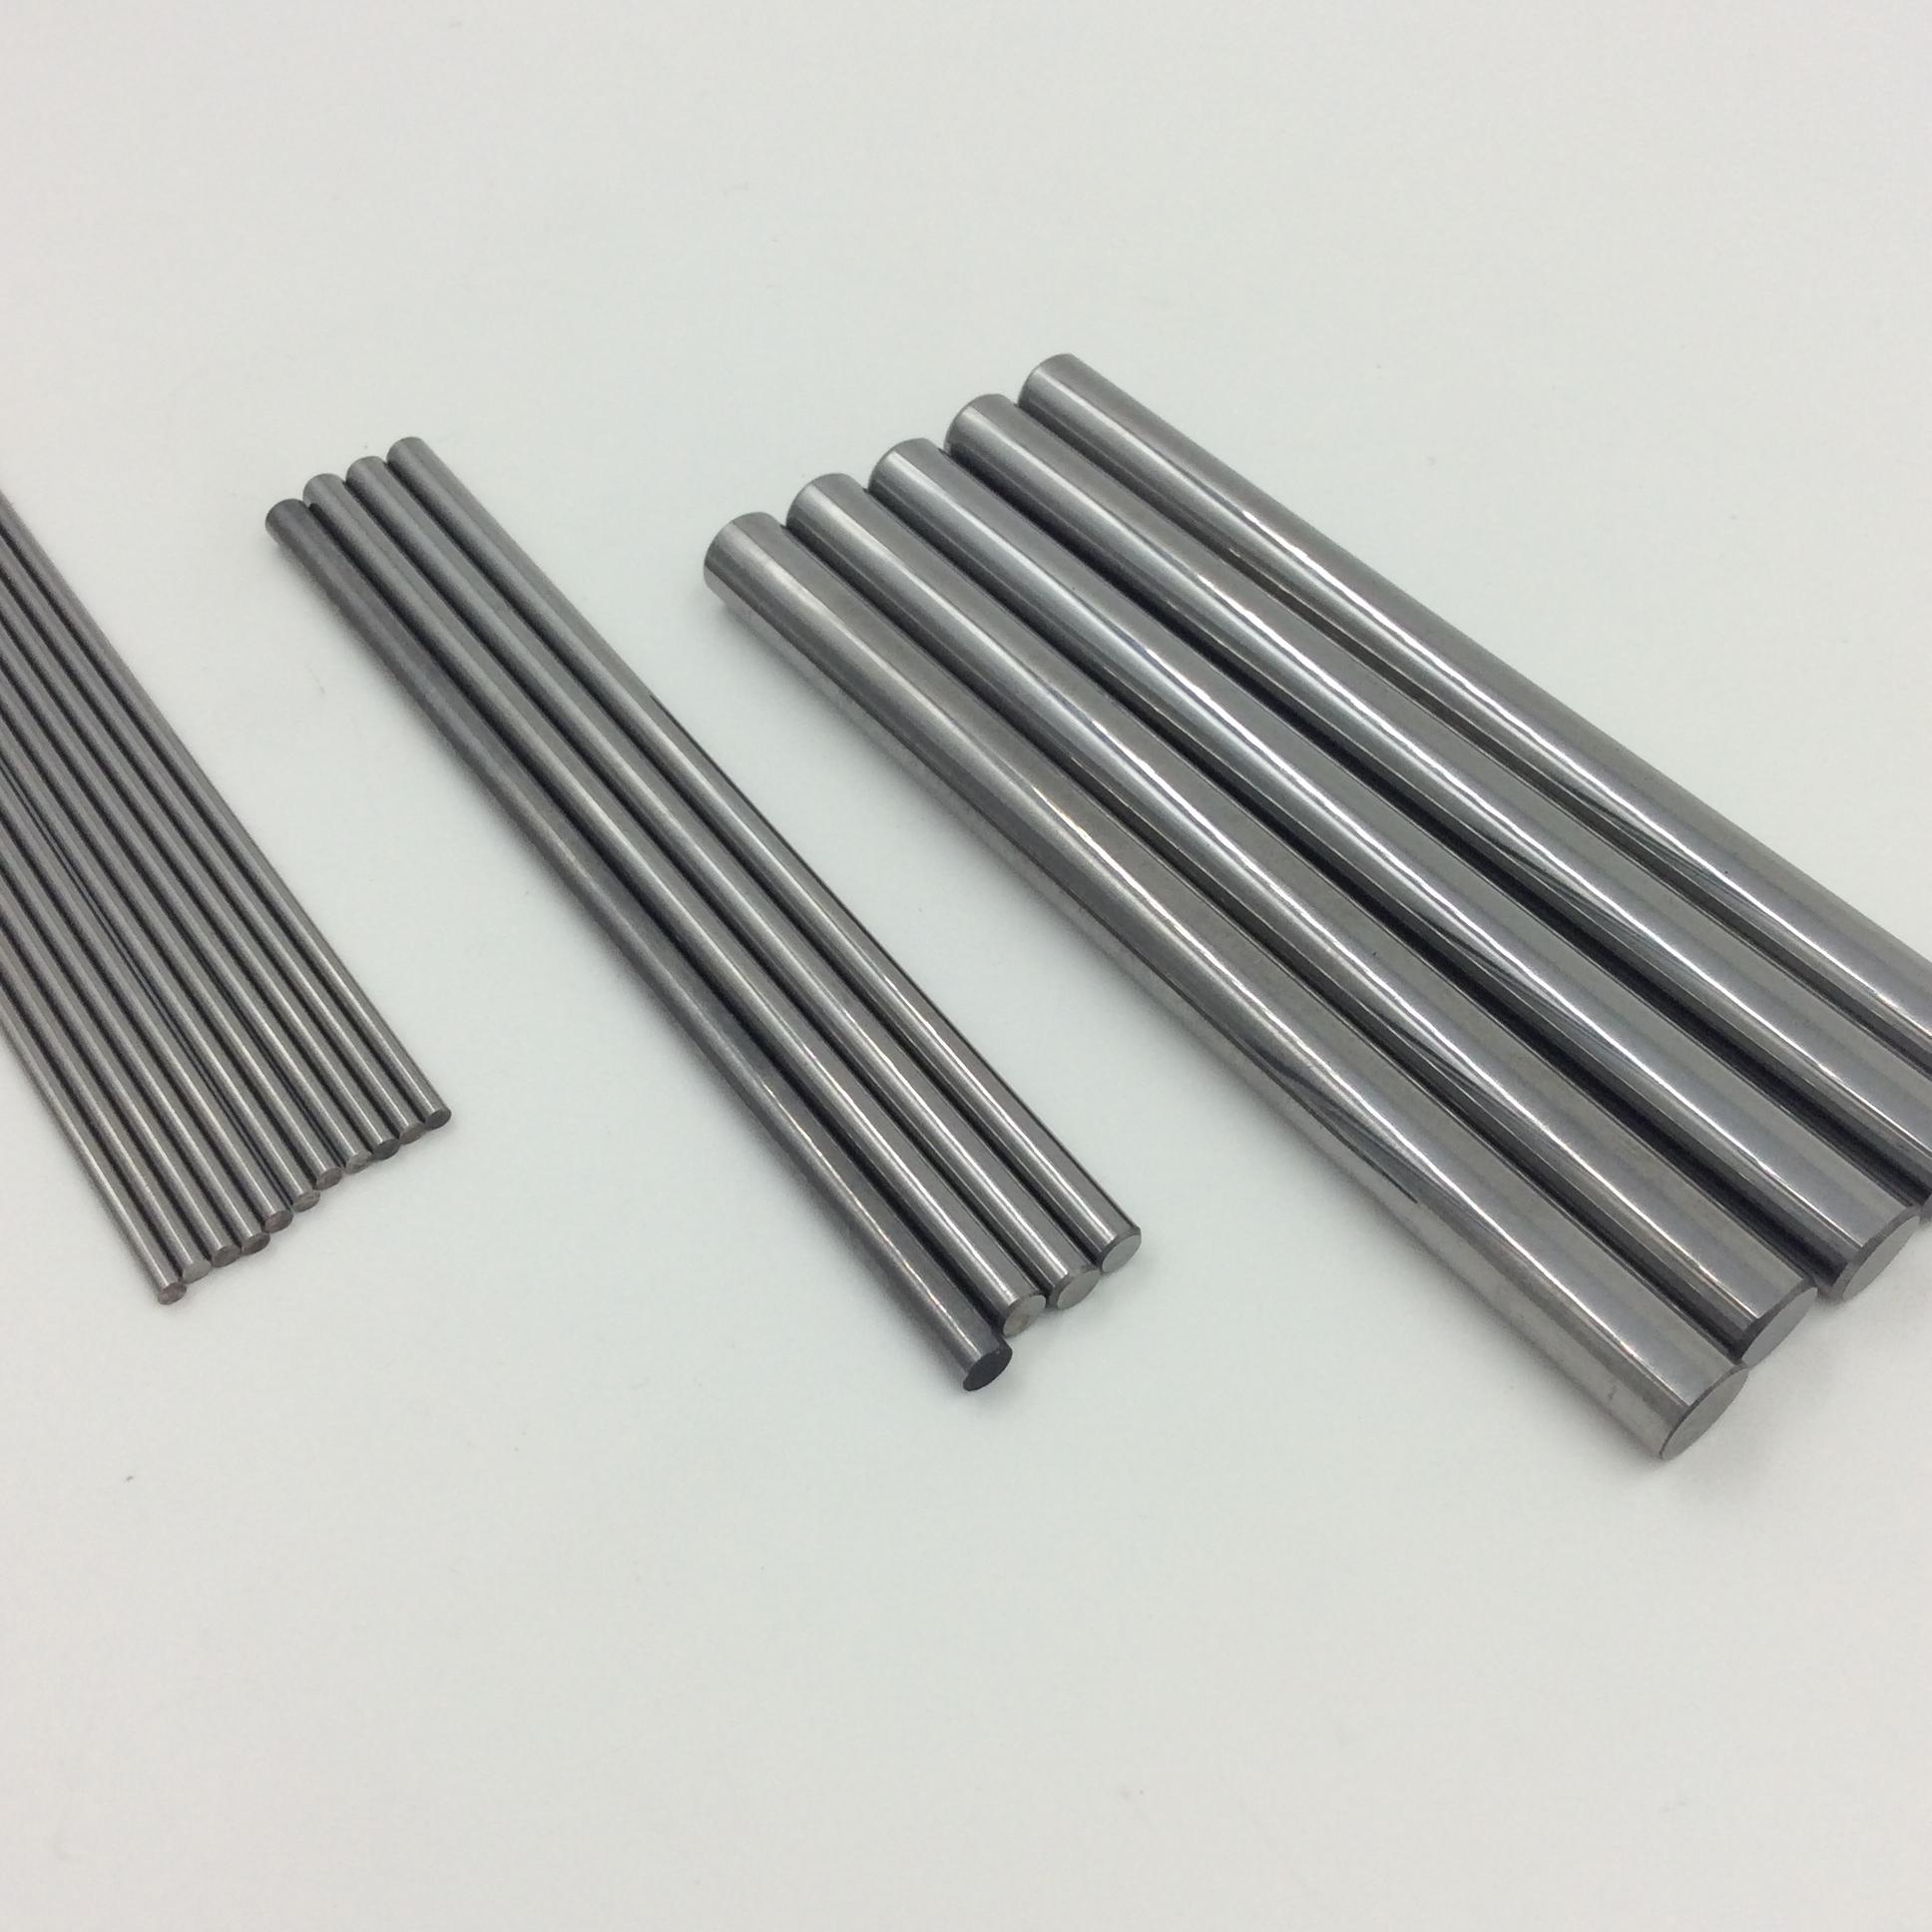 五金刀具用硬质合金材料